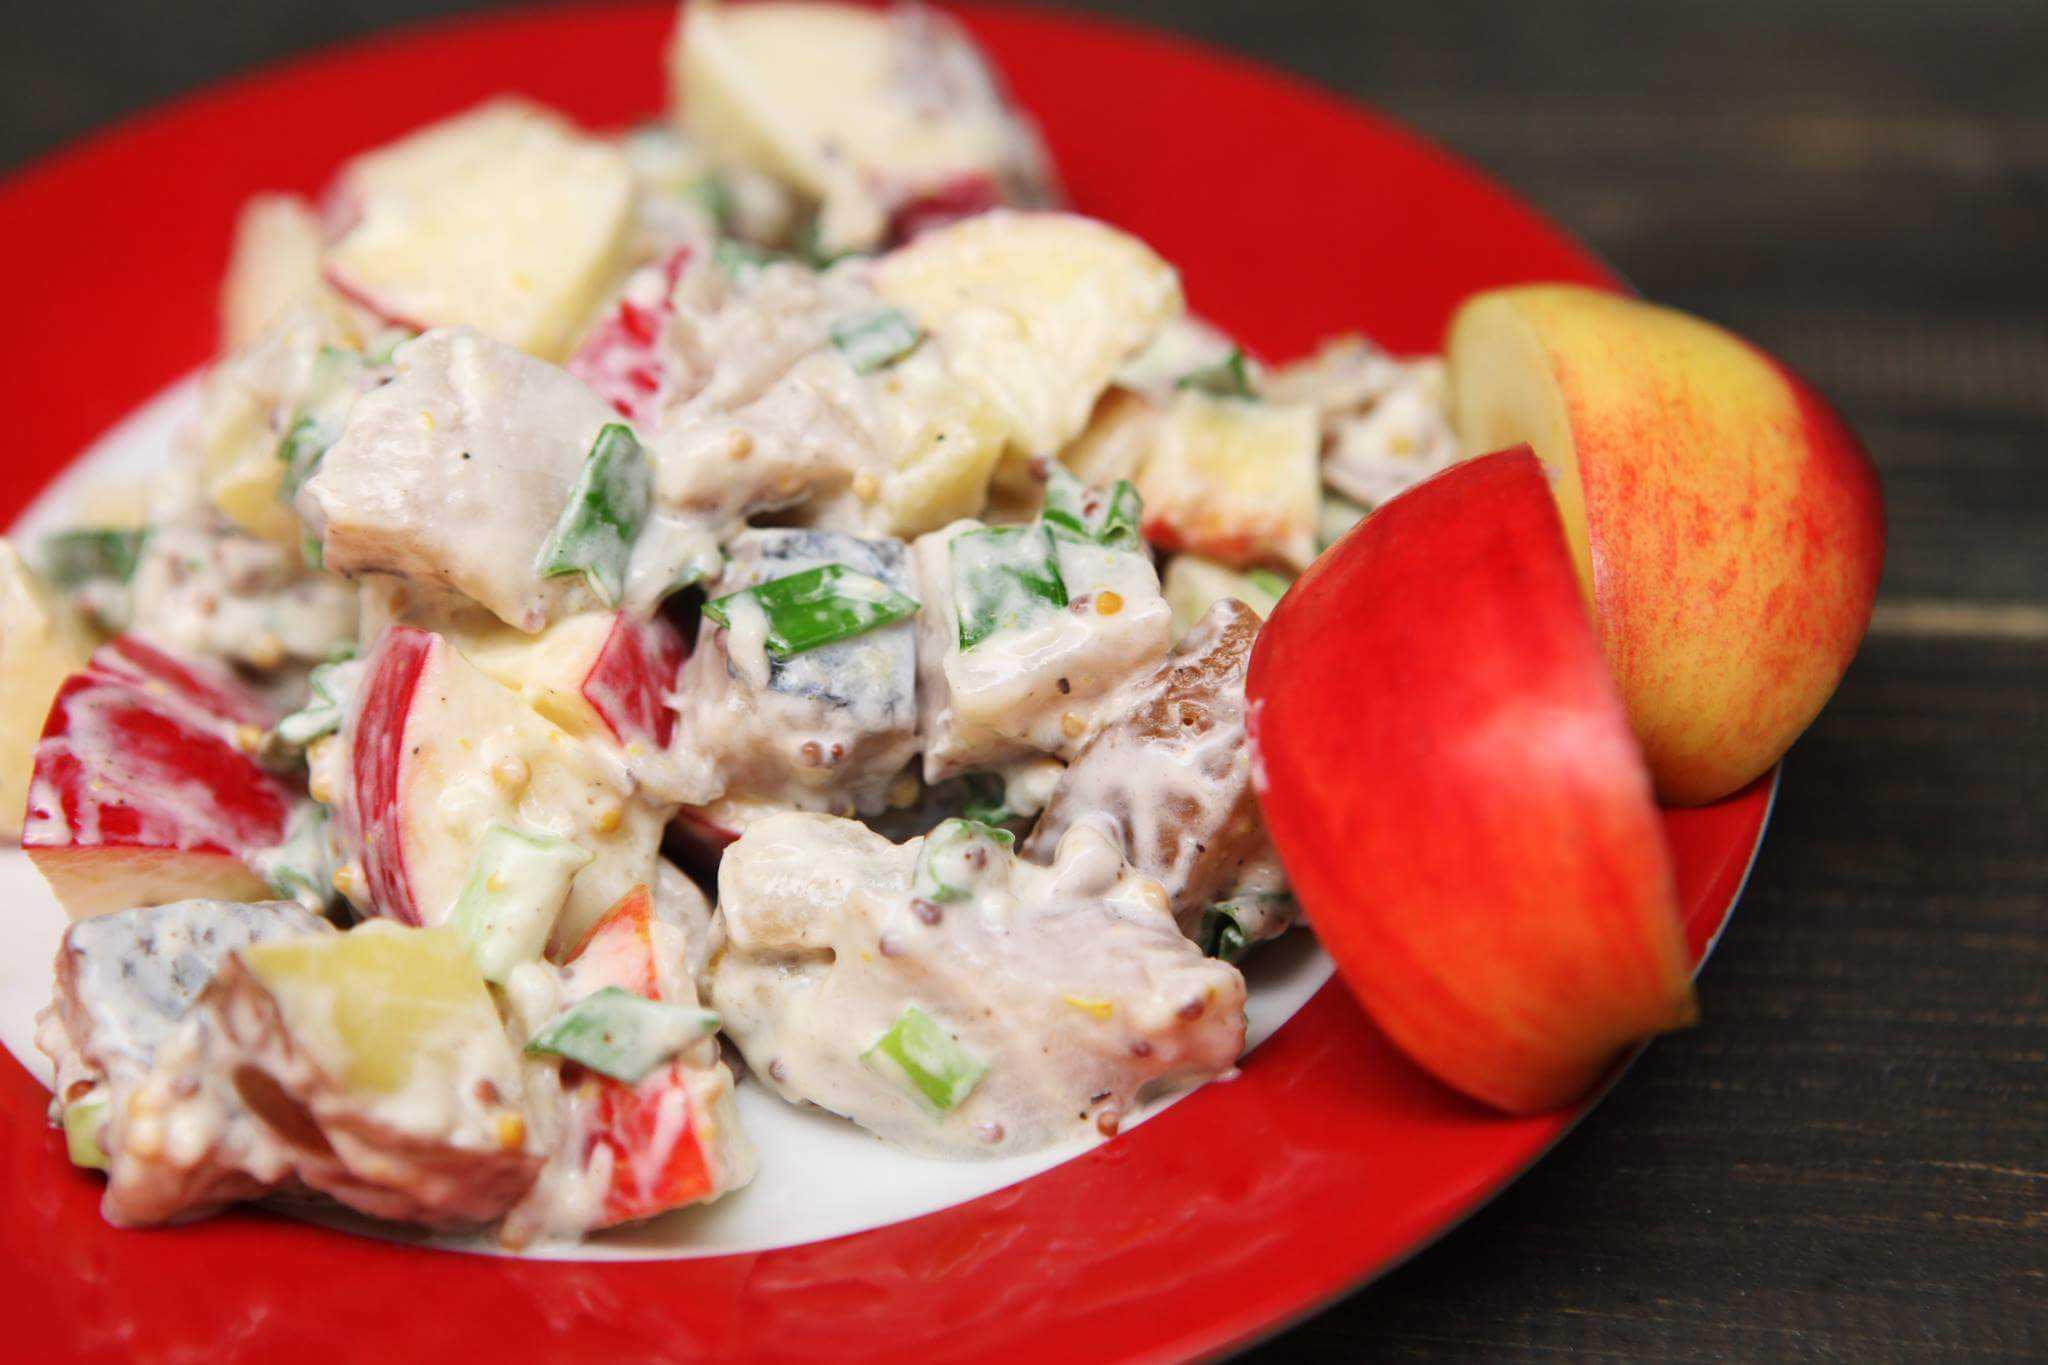 Яблочный салат рецепт с фото пошагово - 1000.menu